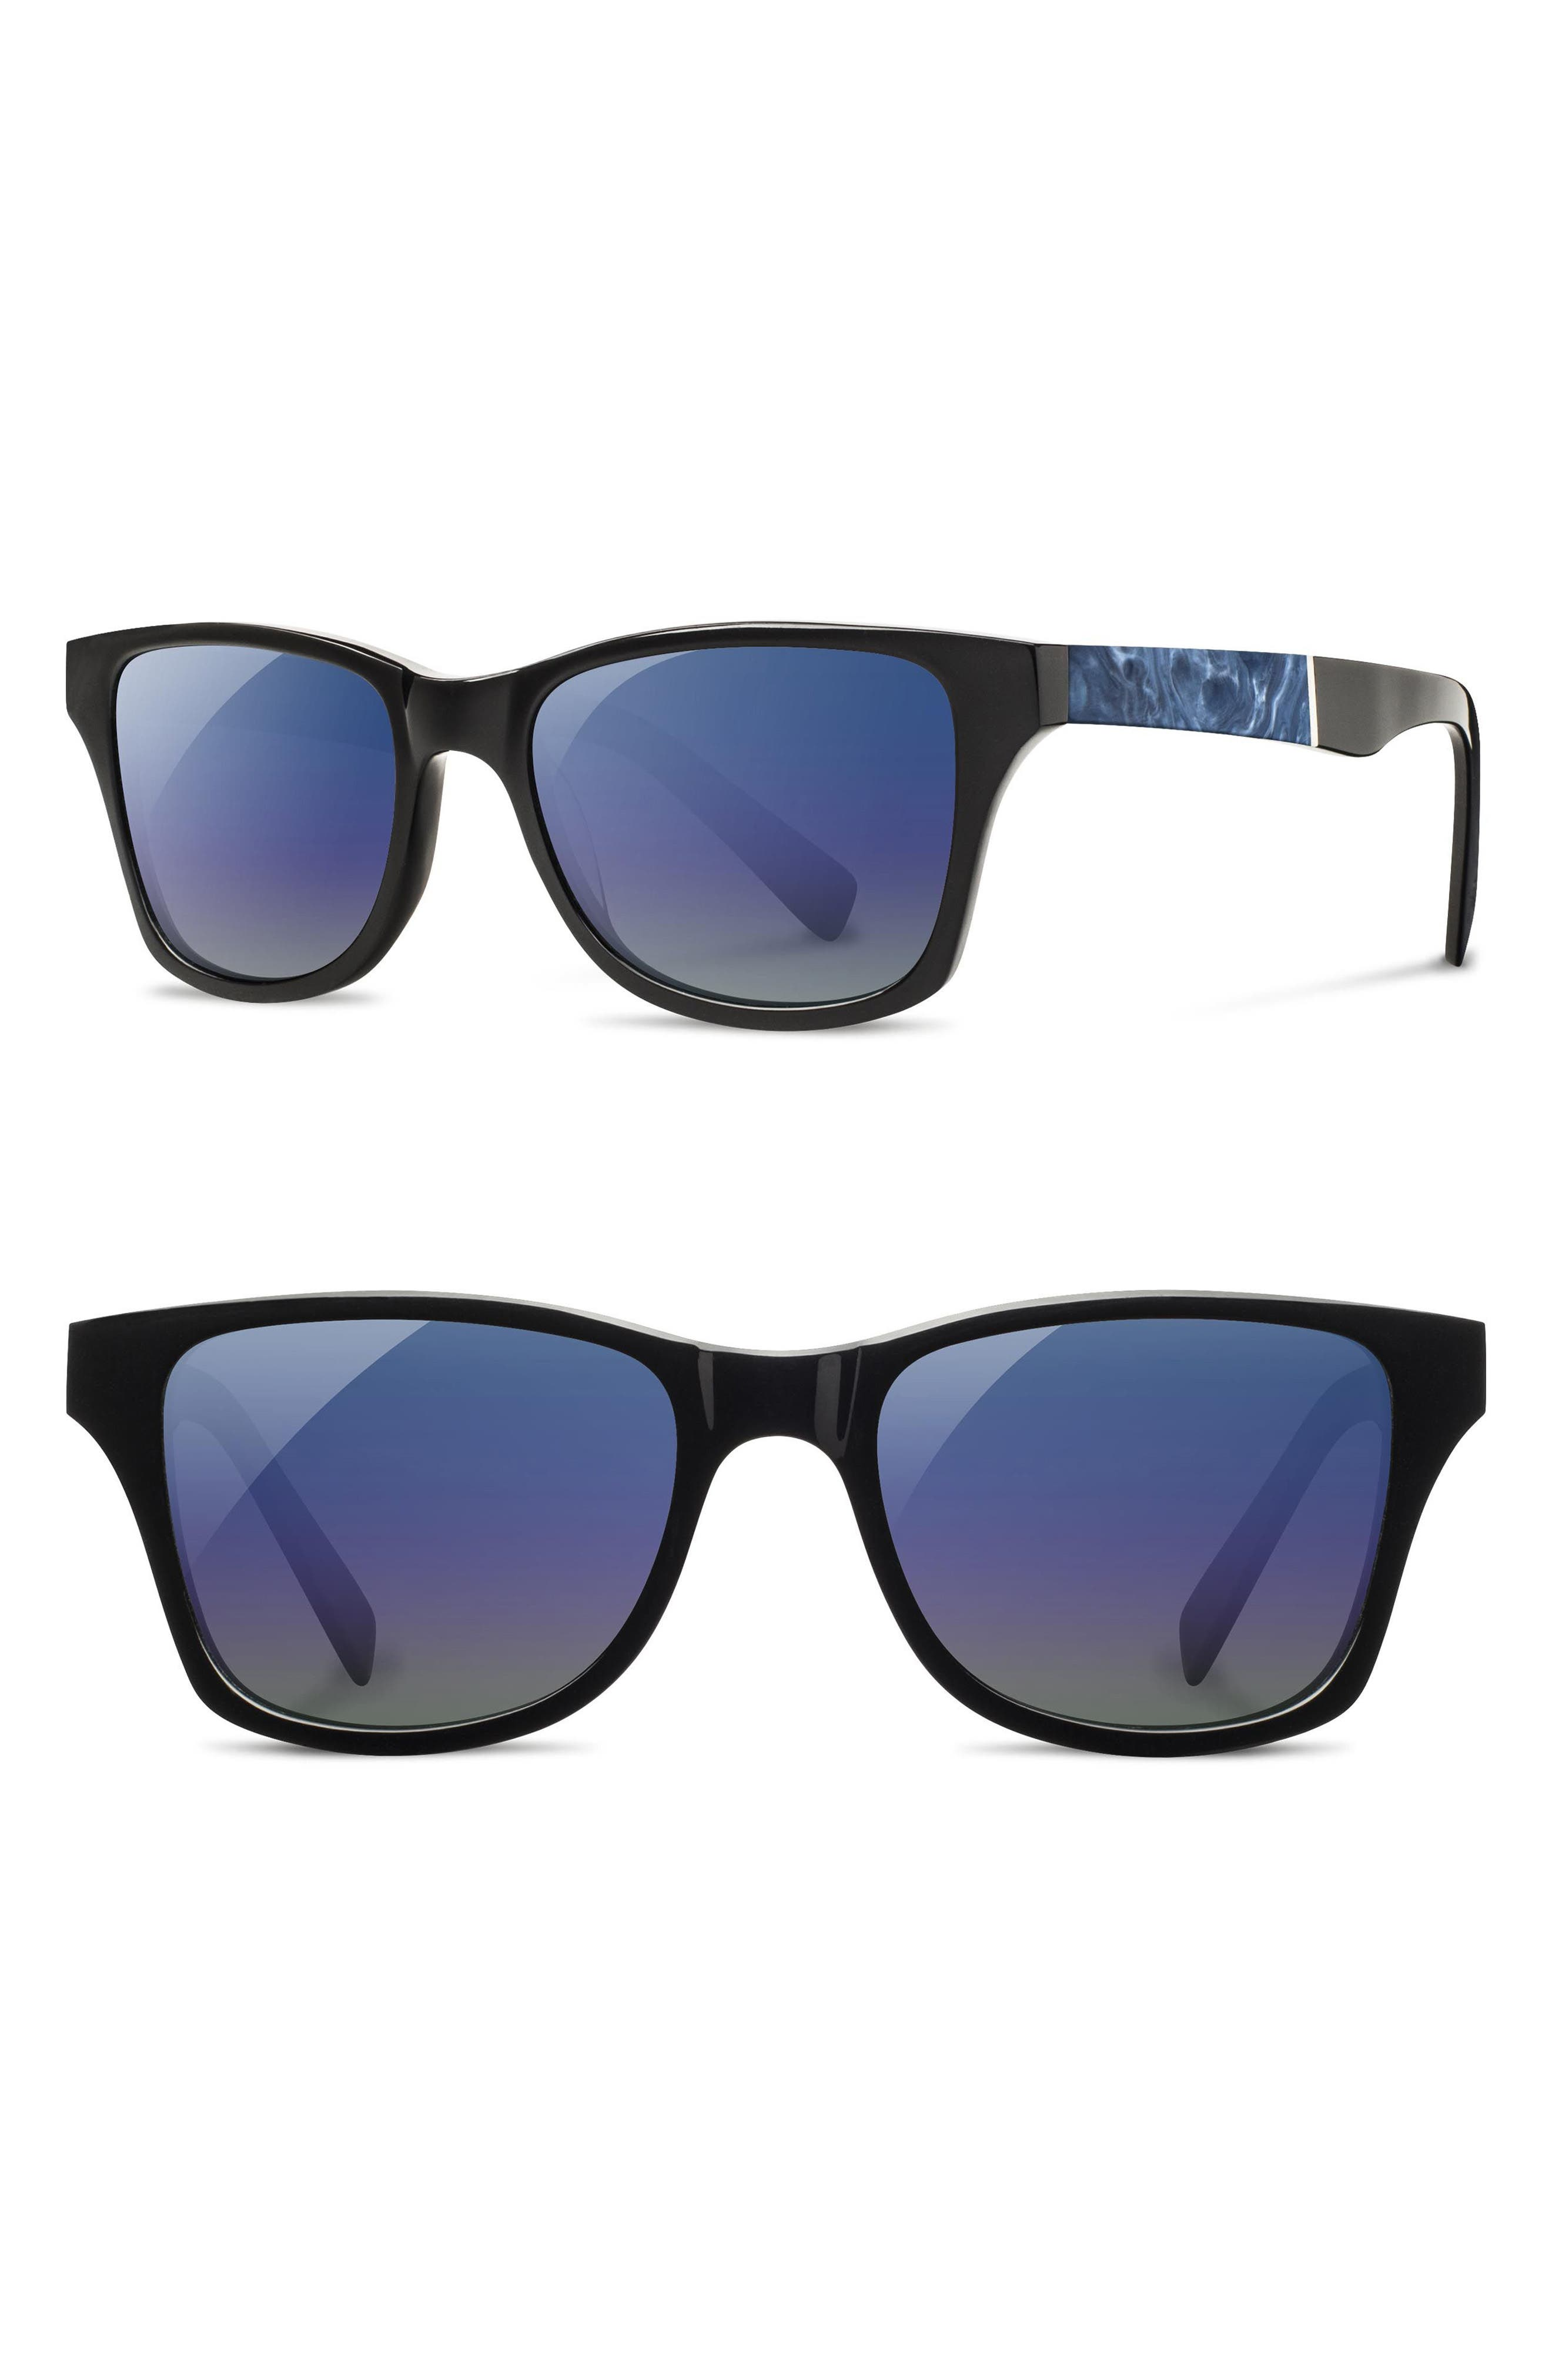 Main Image - Shwood 'Canby' 53mm Polarized Sunglasses